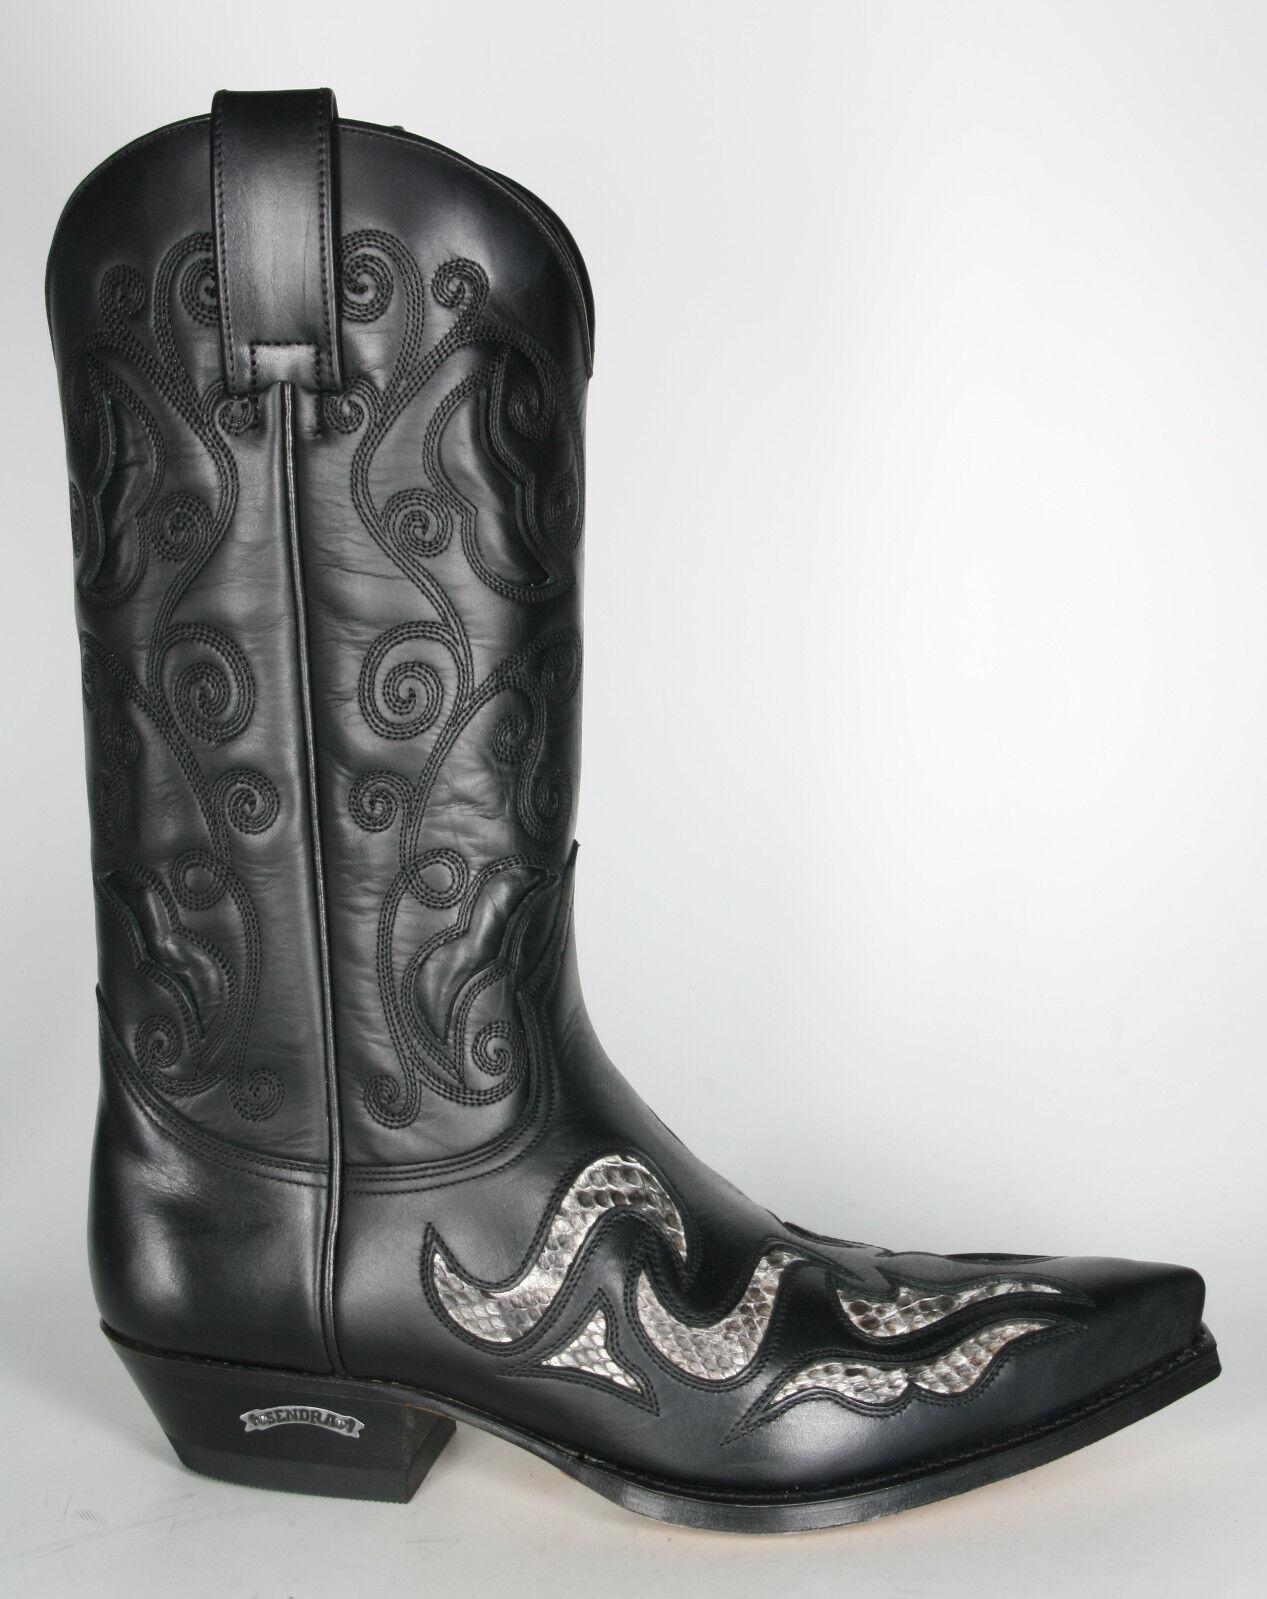 7490 Sendra Stiefel Stiefel Stiefel Stiefel Exotischer Westernstiefel schwarz Python Natural  ba74ee